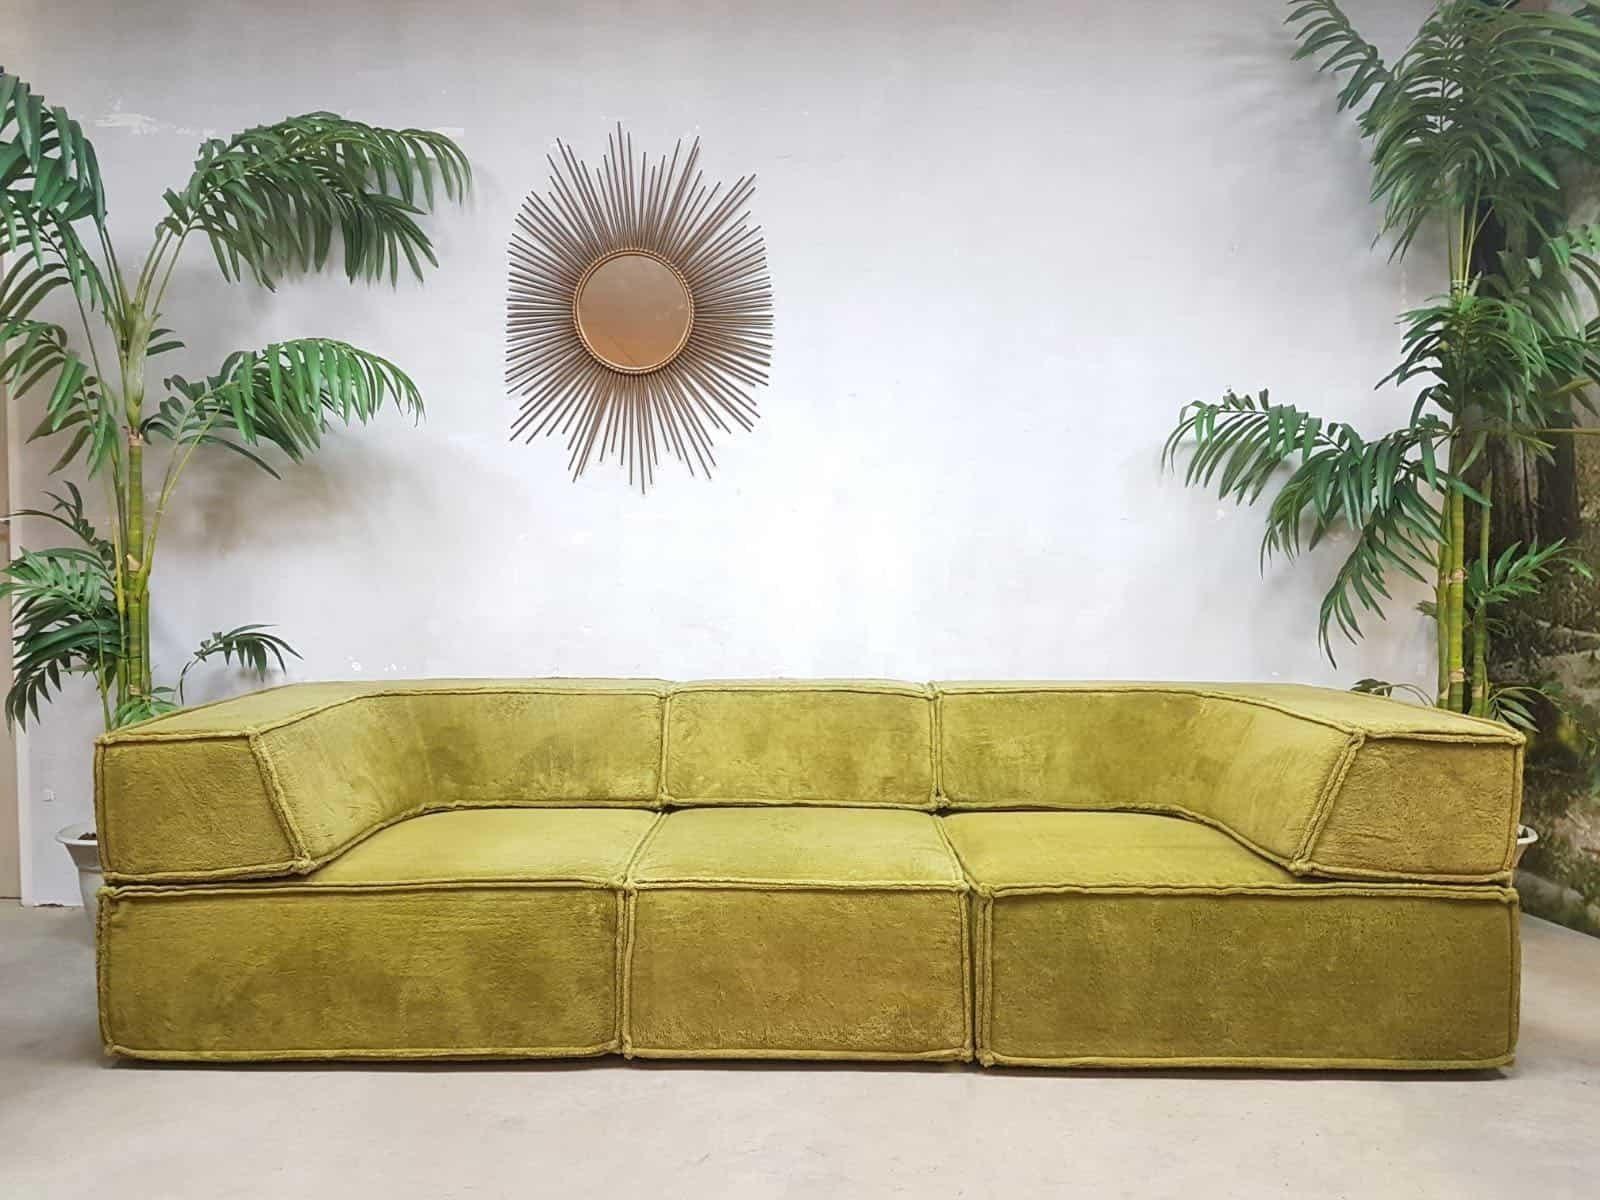 Design Bank Cor.Bohemian Style Vintage Design Lounge Bank Modular Sofa Cor Team